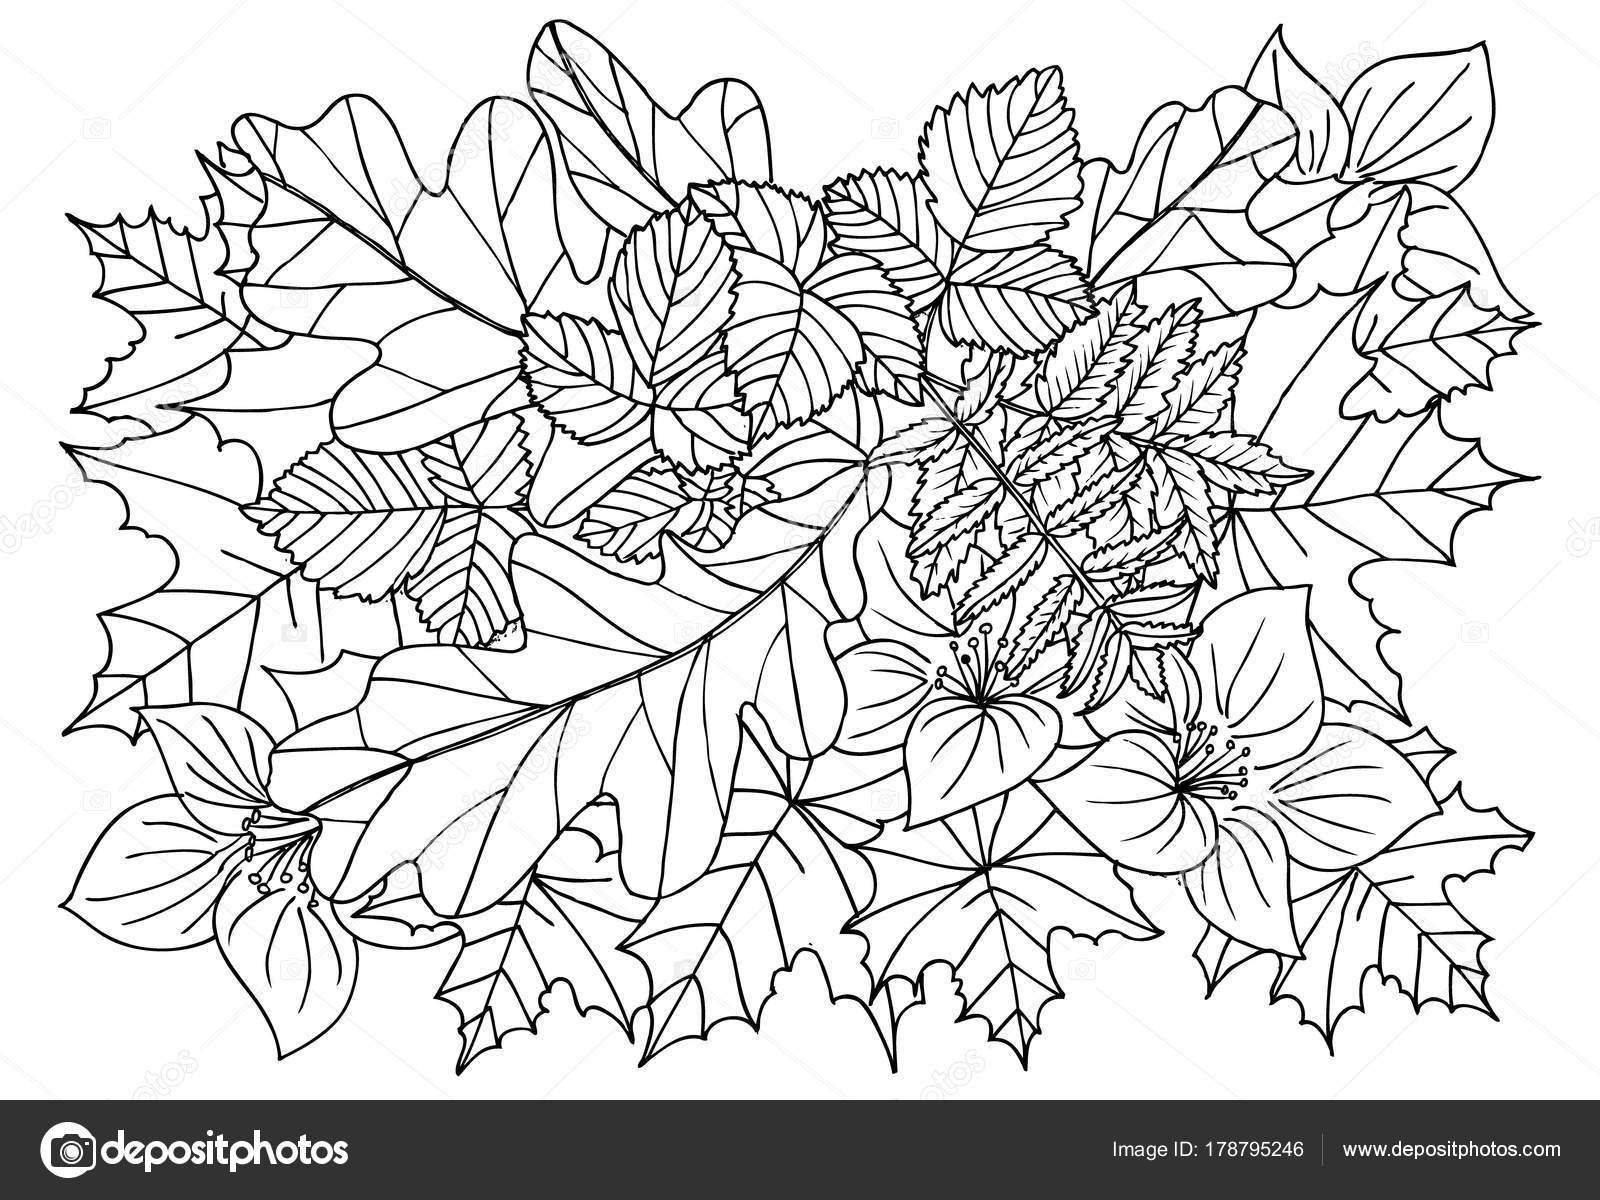 Hojas de otoño en blanco y negro. Doodle de arte para colorear libro ...